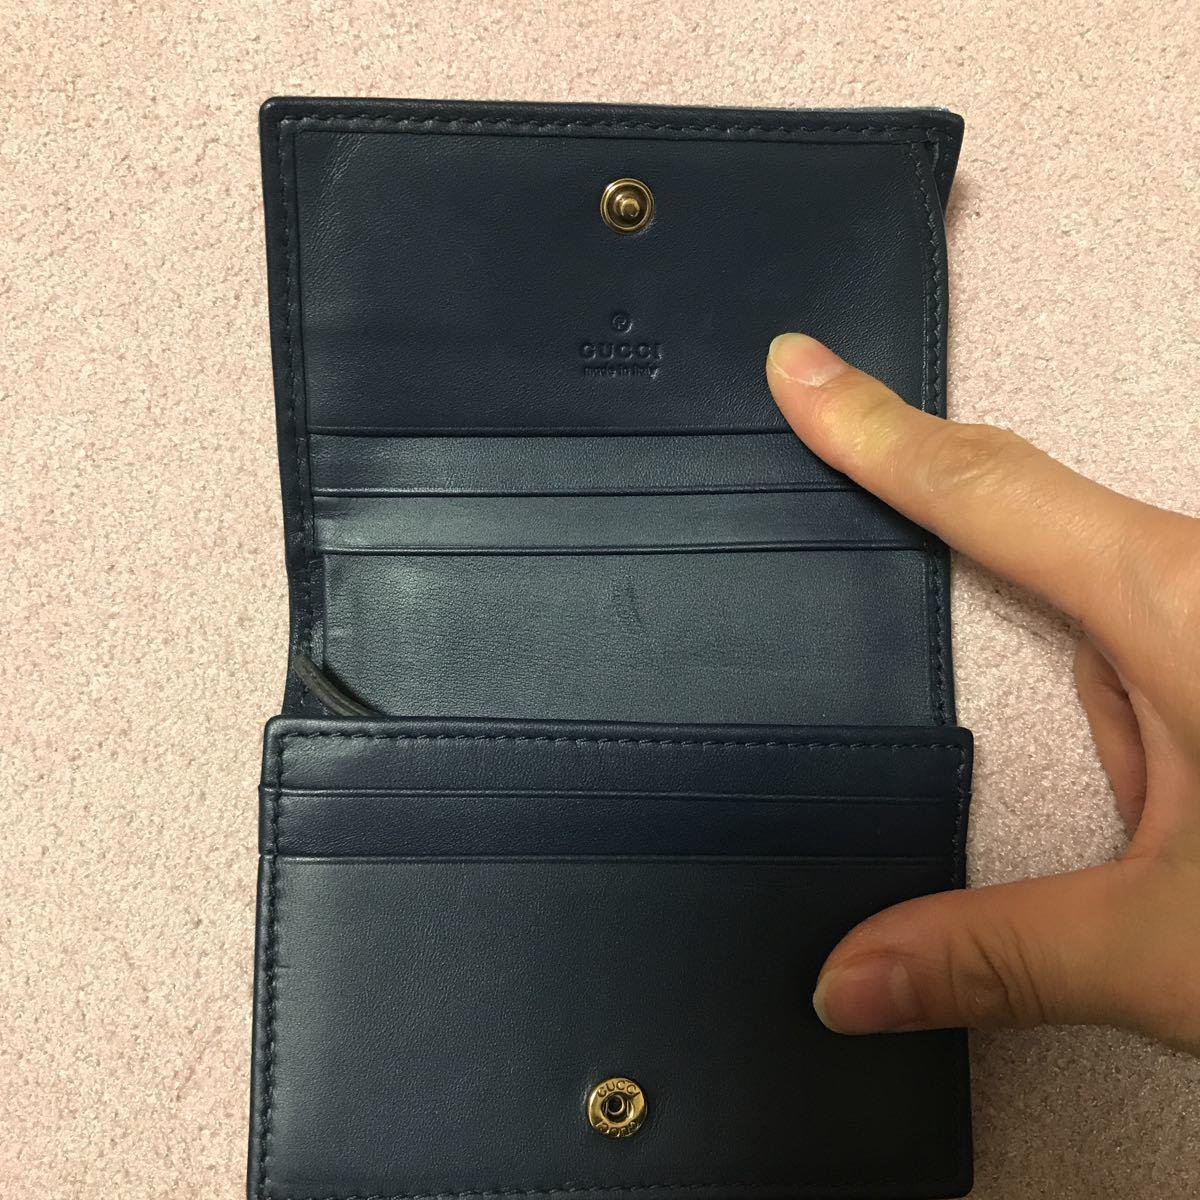 グッチ 日本限定 デニム 二つ折り財布_画像3